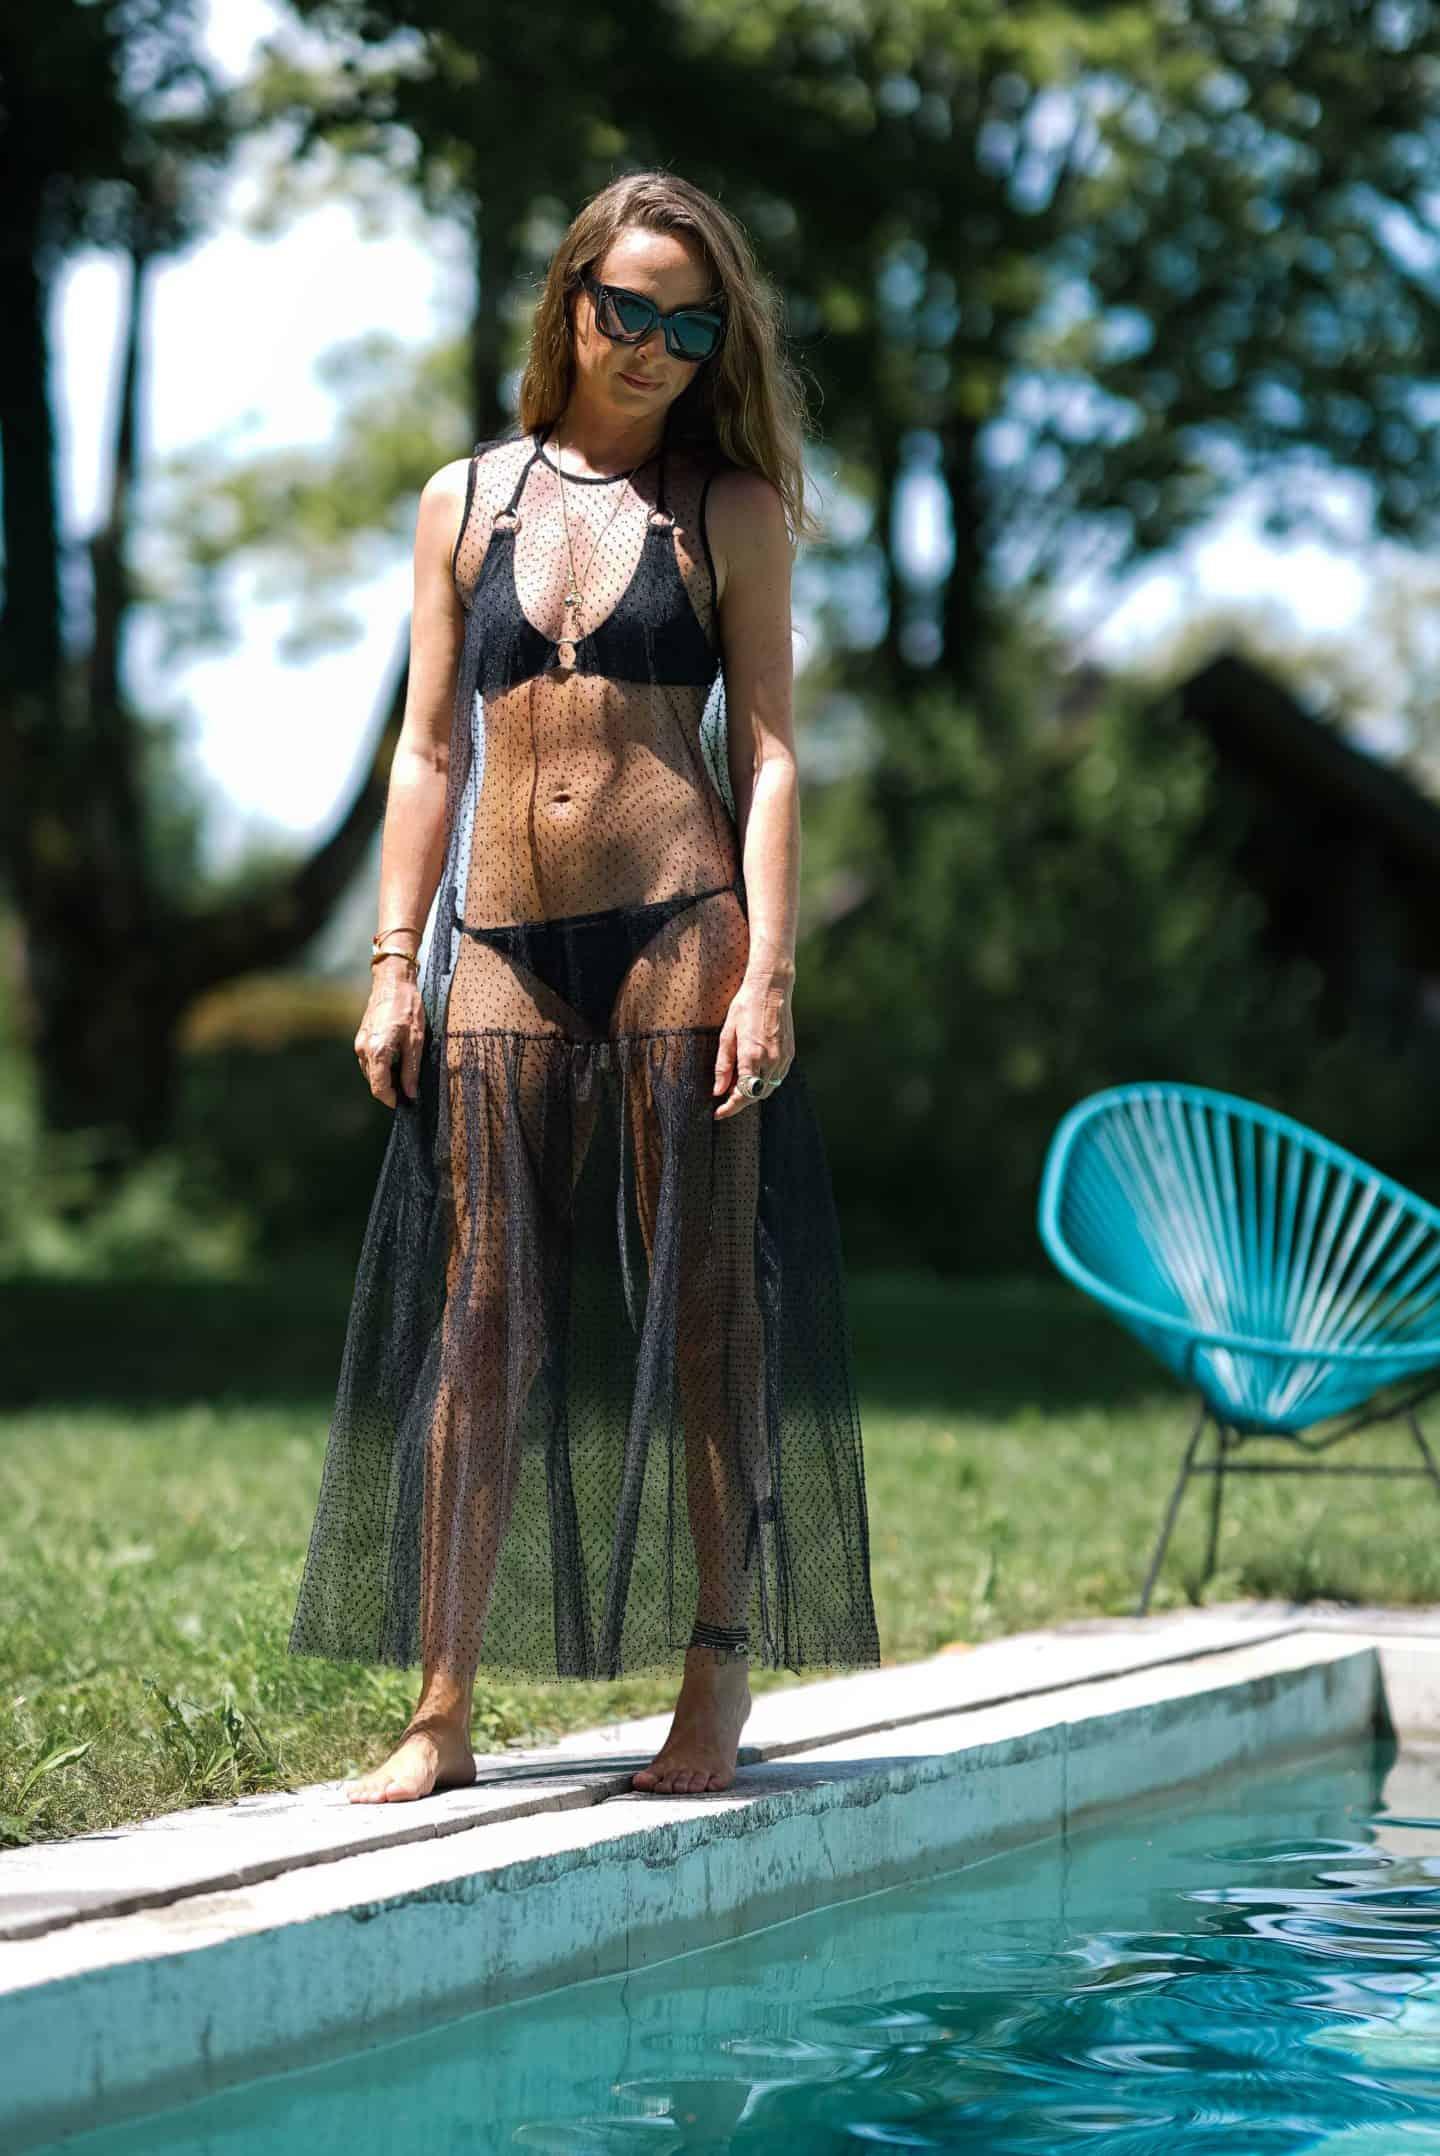 Bloggerin Nicki Nowicki mit 49 Jahren